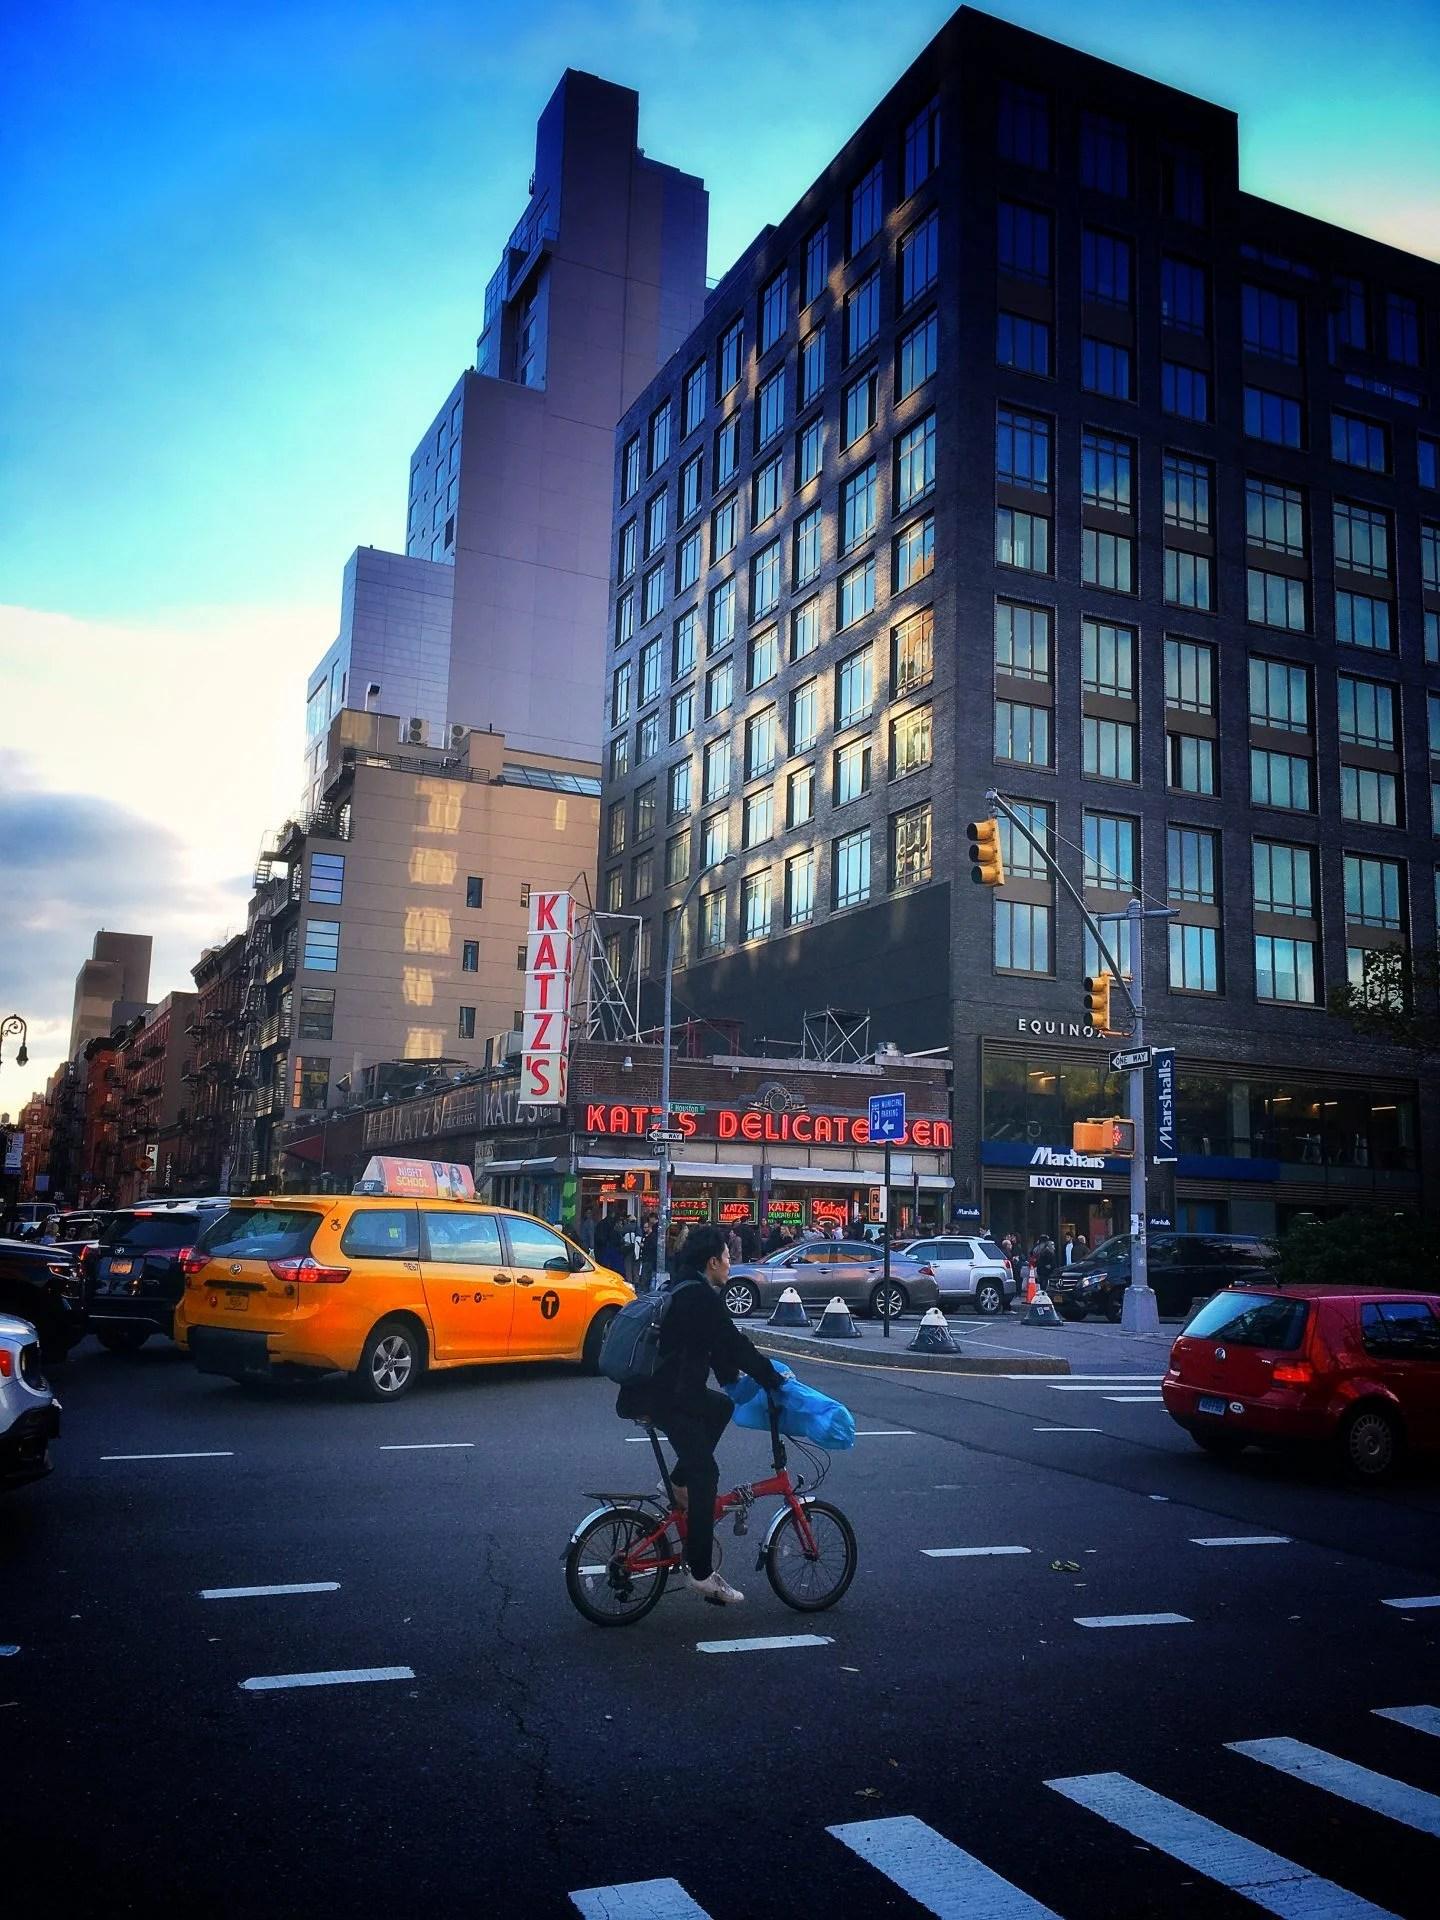 You by Caroline Kepnes, Lower East Side